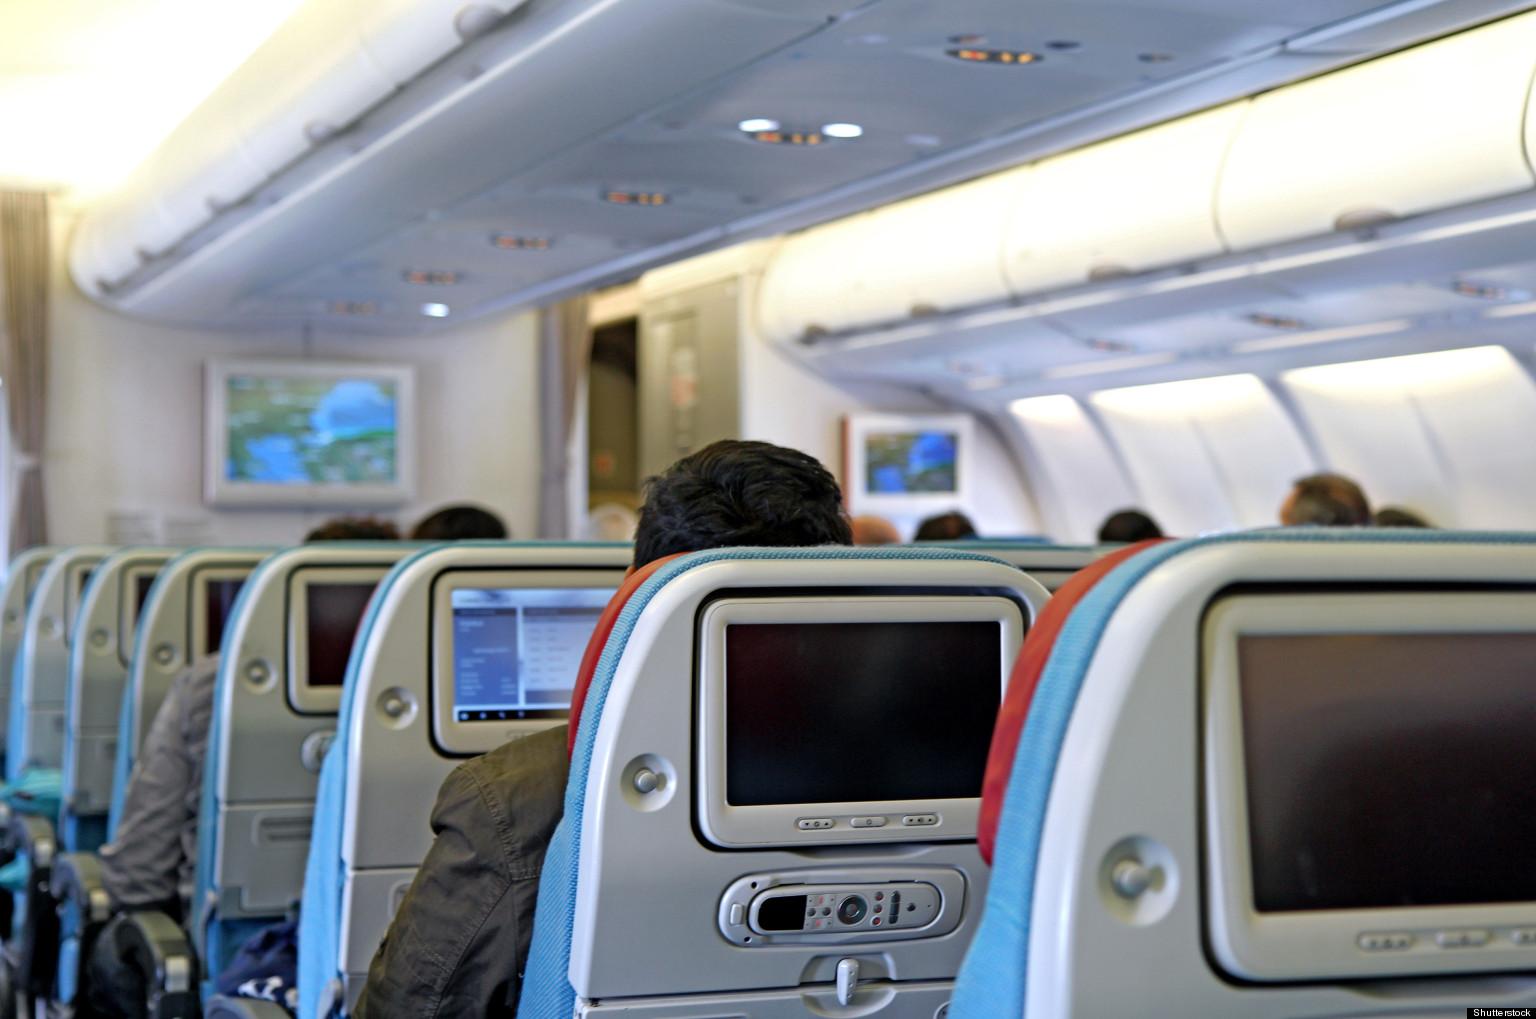 항공기 좌석선택- 어떤 자리가 좋은 자리일까?